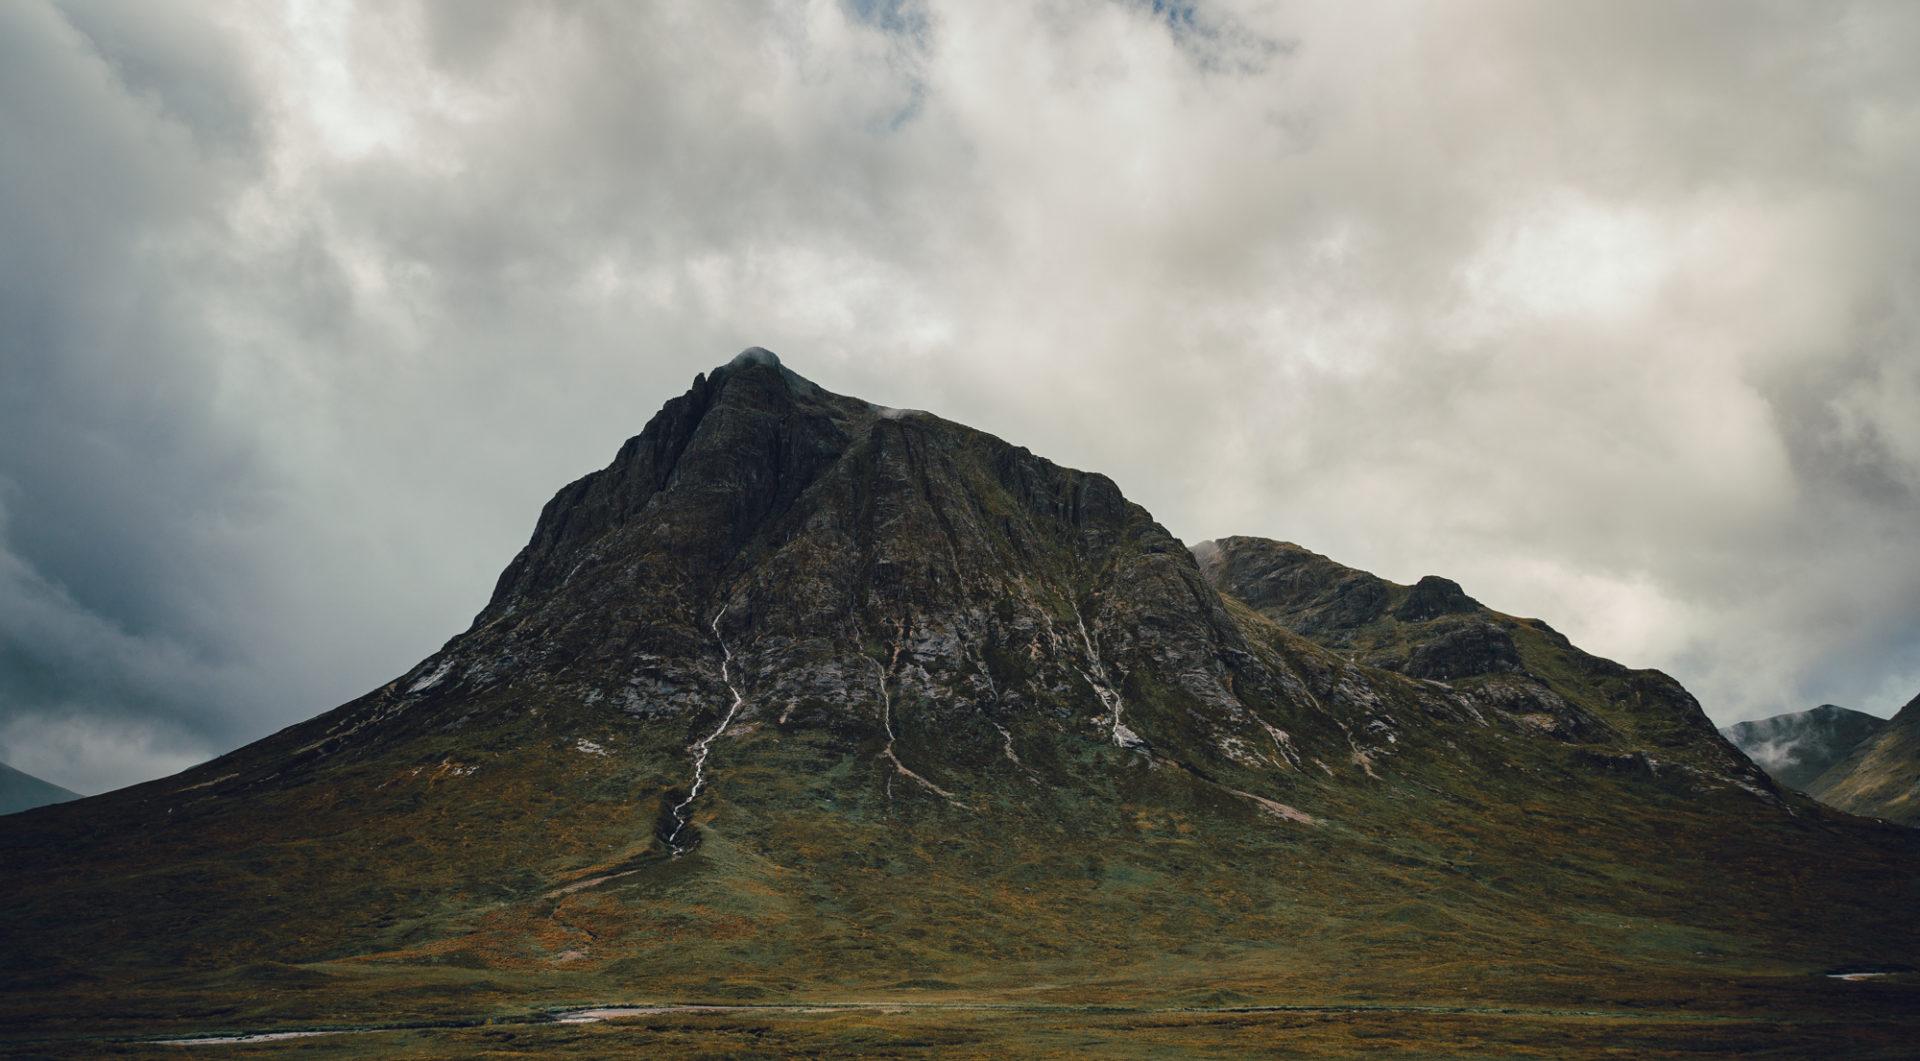 Stob Dearg der höchste Munro des Buachaille Etive Mòr.